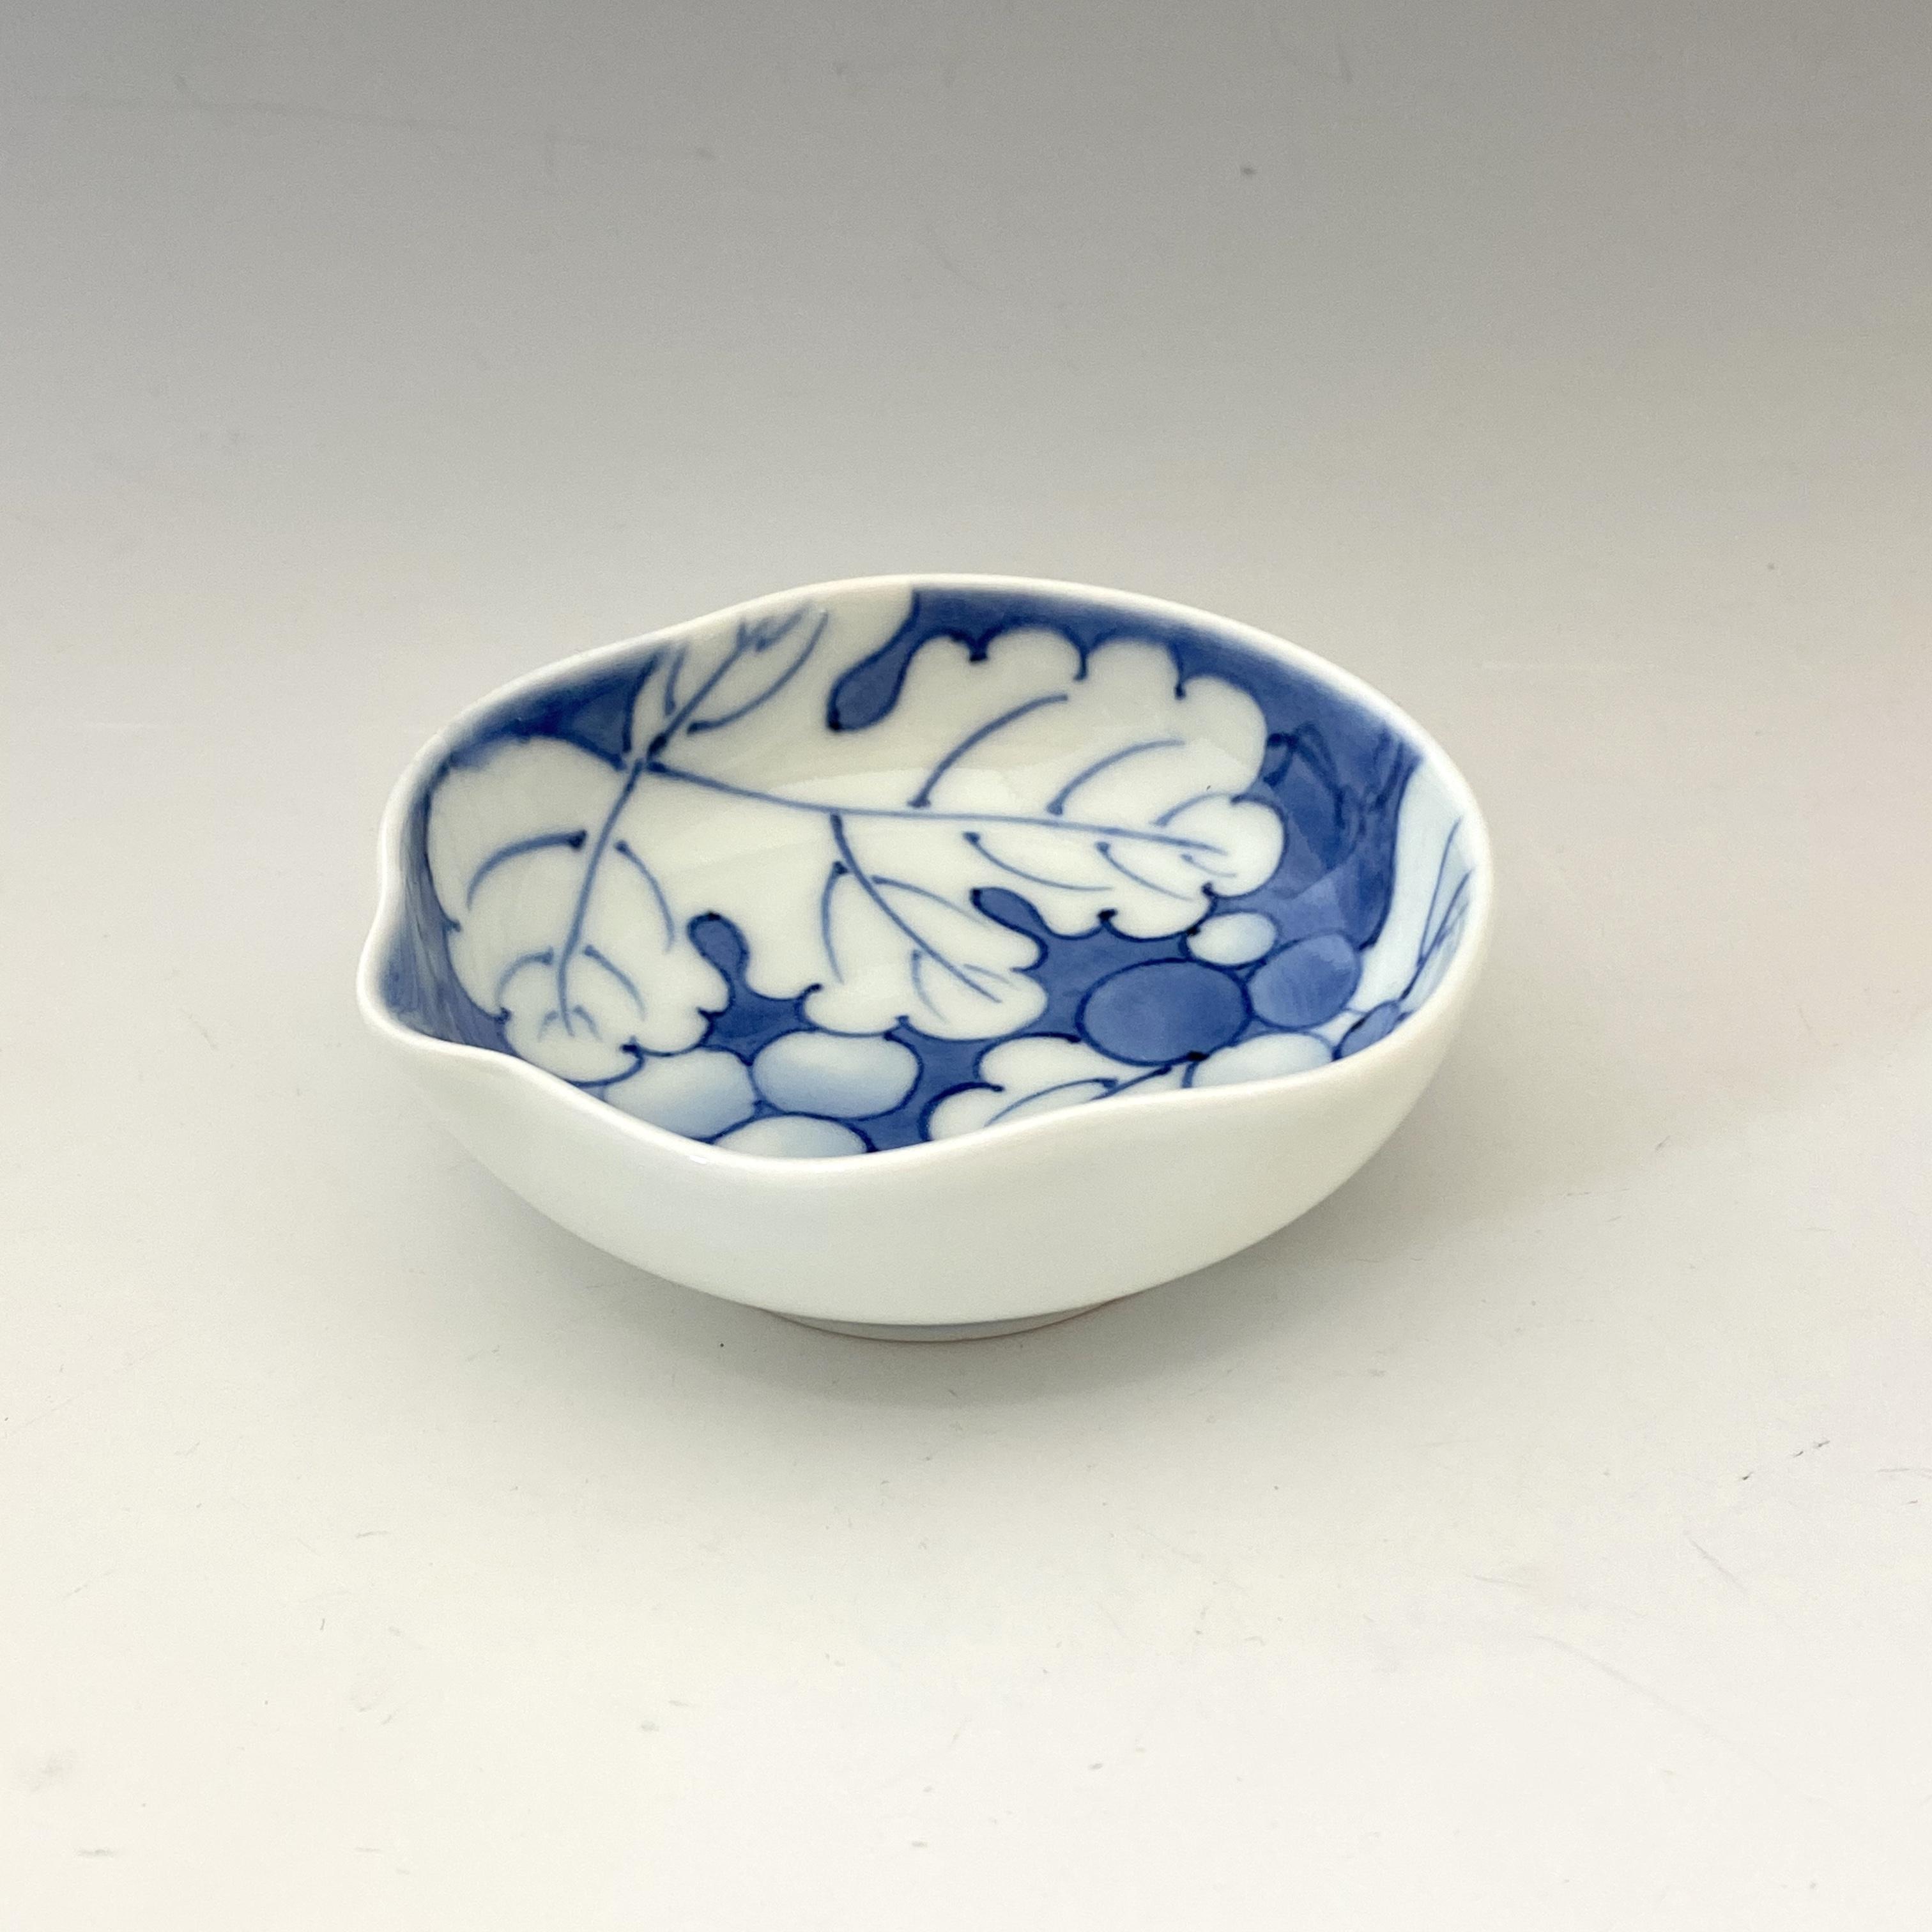 【中尾英純】染付葡萄絵豆皿